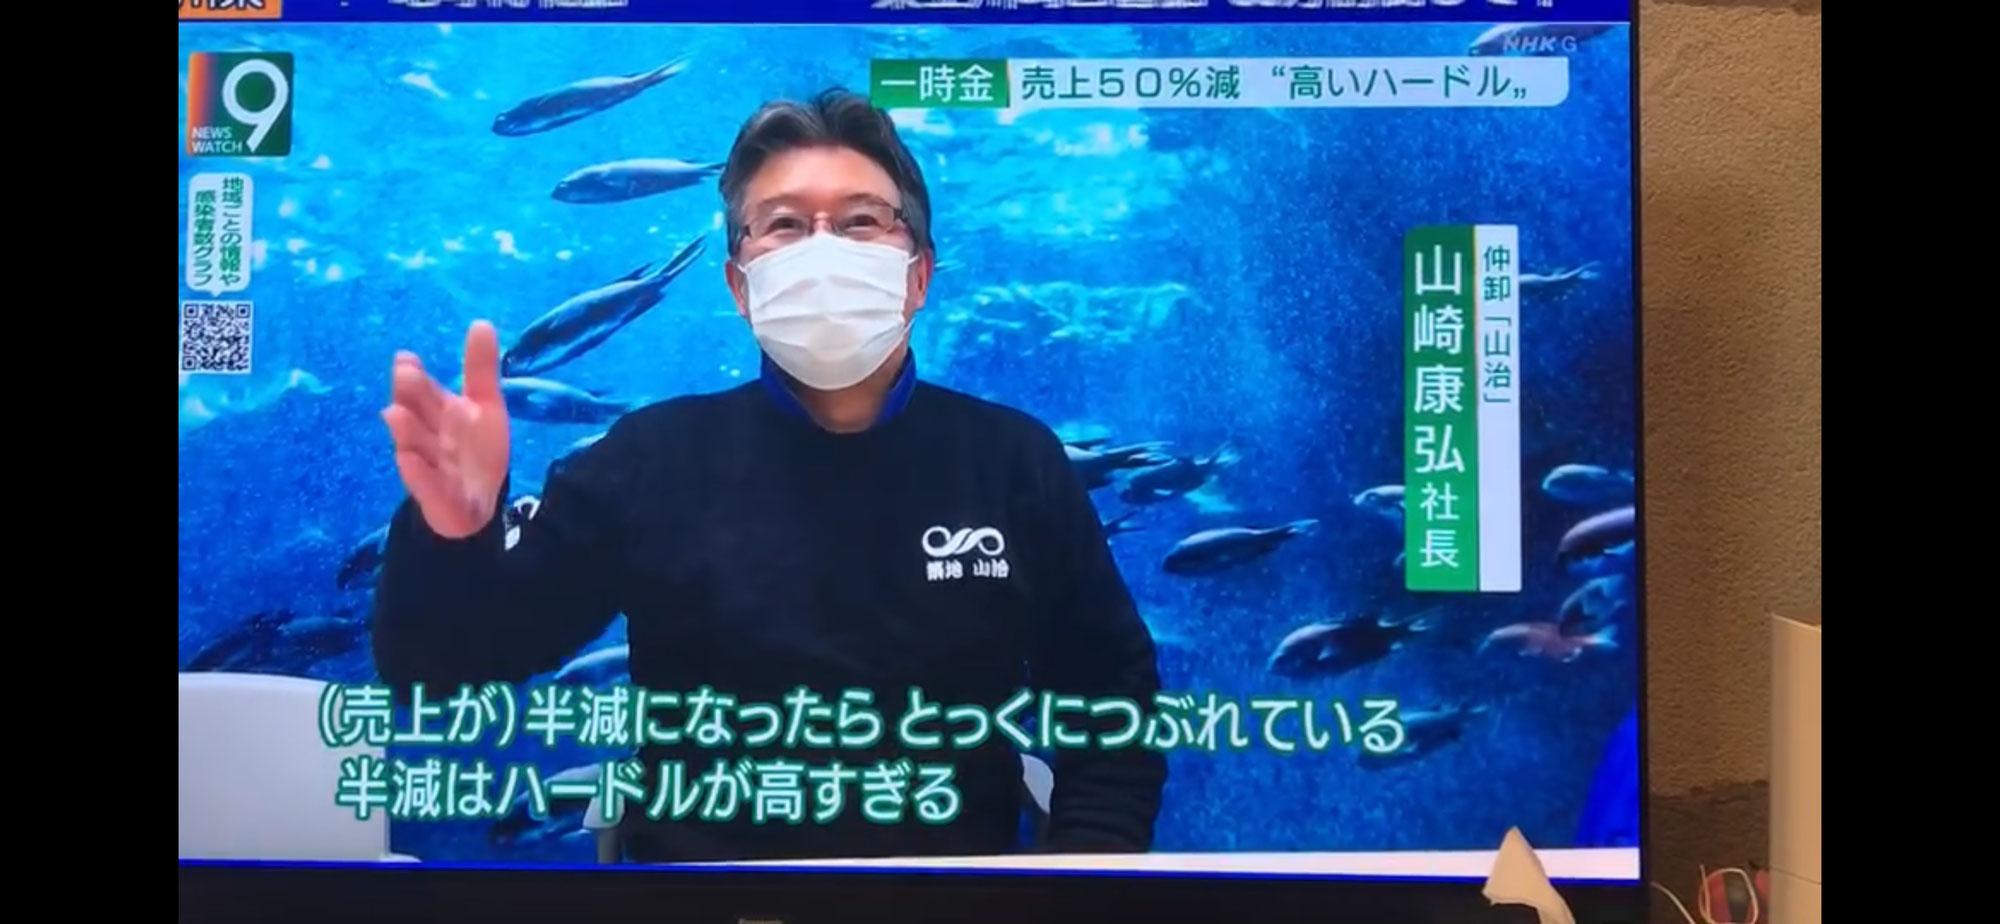 NHKニュース9(1月13日放送)にて仲卸業者の実情を伝えさせて頂きました。